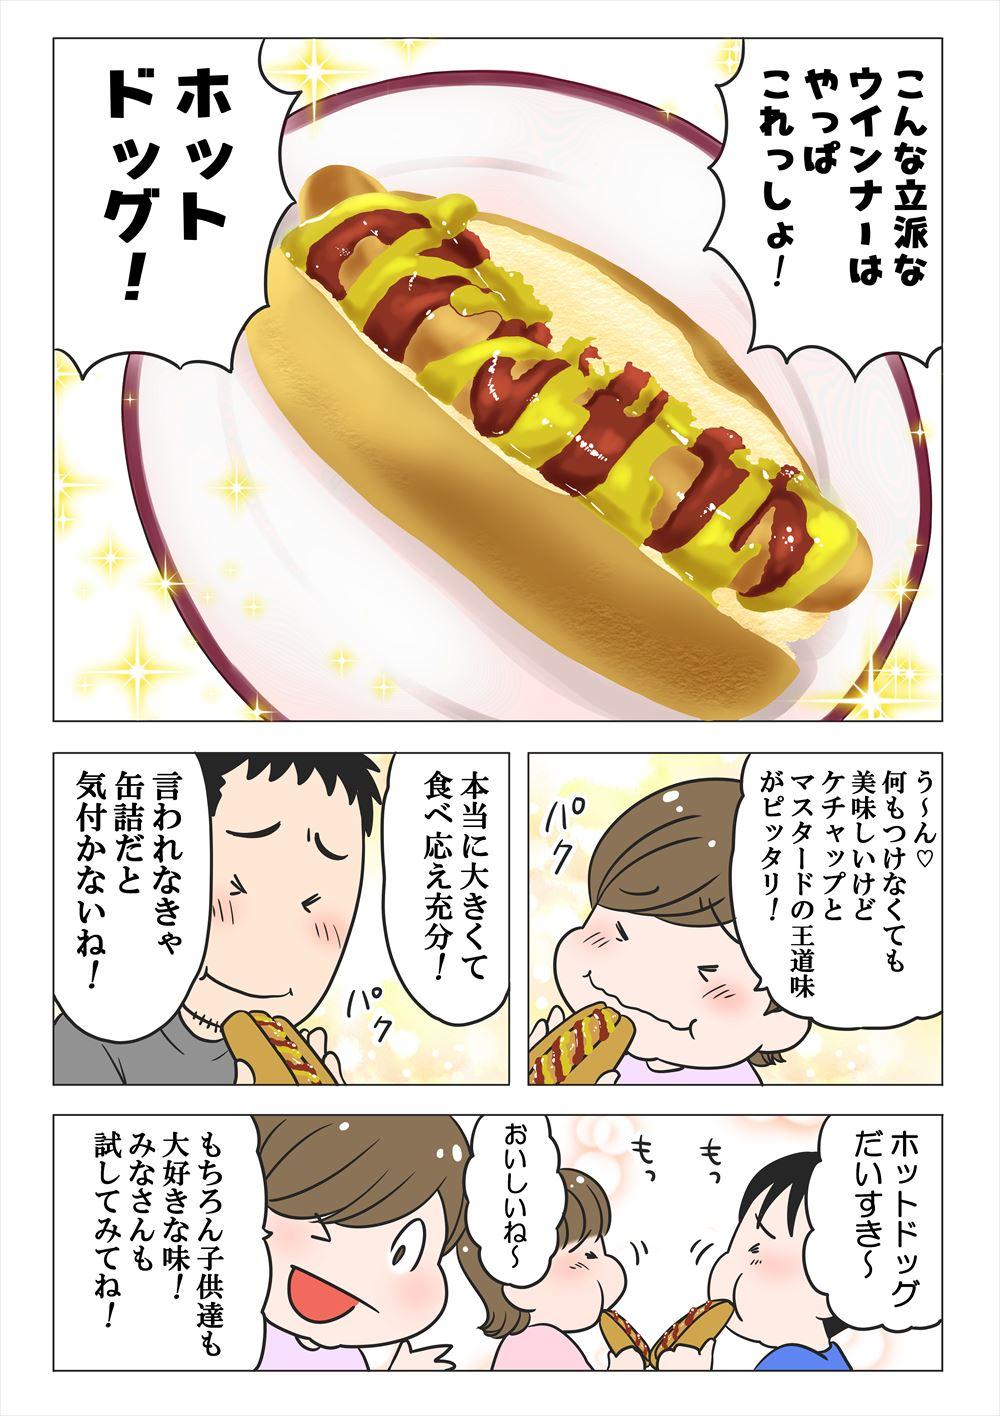 缶詰ウインナー2_R